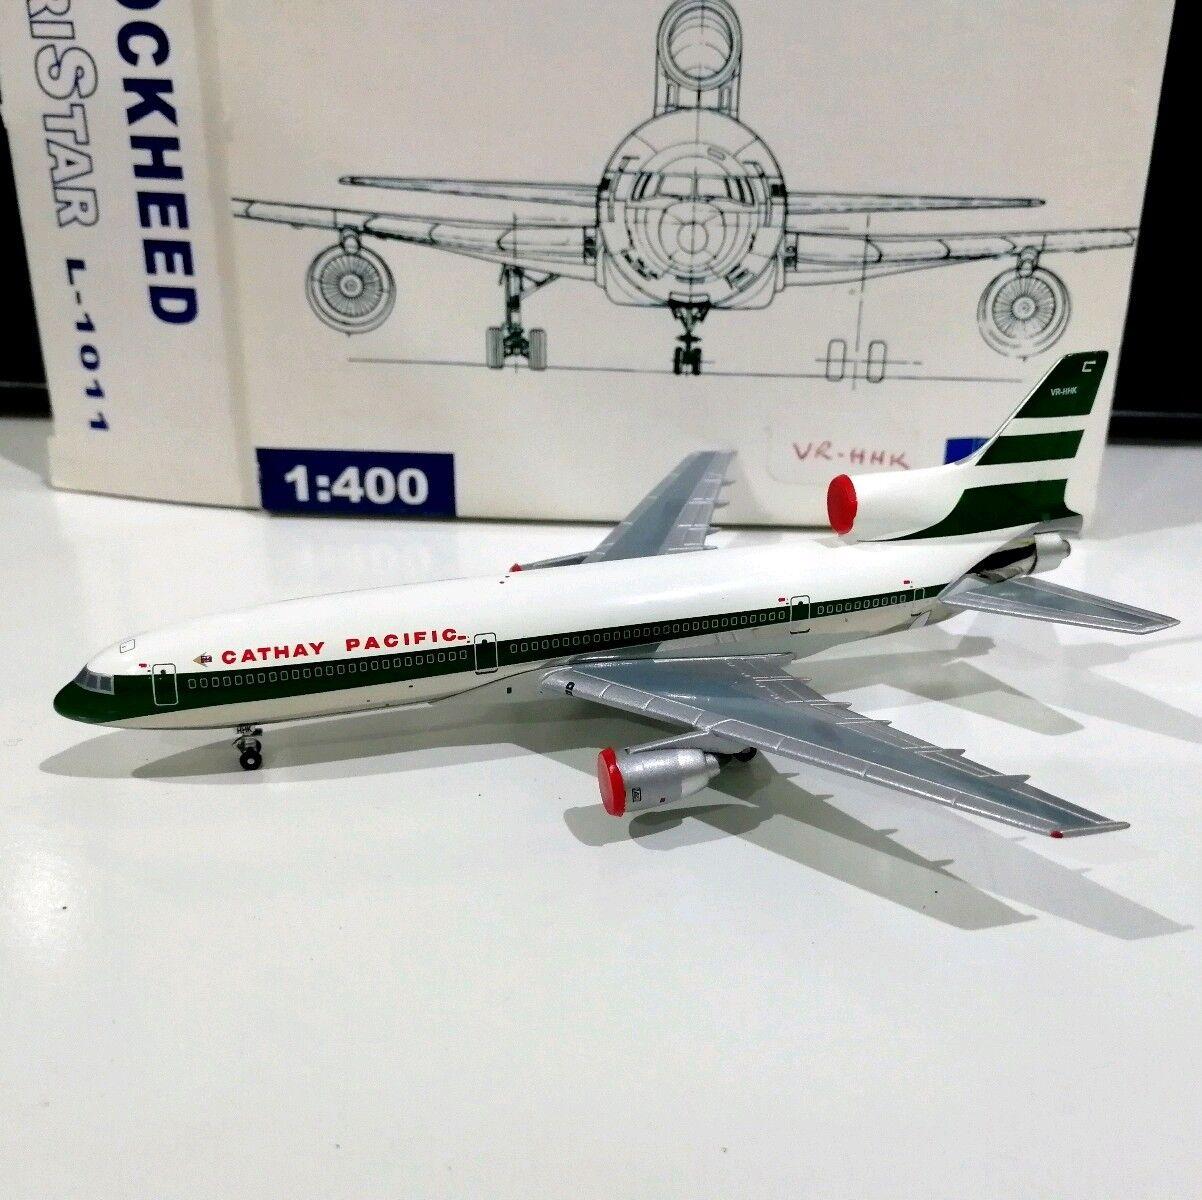 Blue Box Cathay Pacific Airways L1011 Tristar VR-HHK 1/400 scale model air plane   Ingénieux Et Pratique    Respectueux De L'environnement    Matériaux Sélectionnés Avec Soin